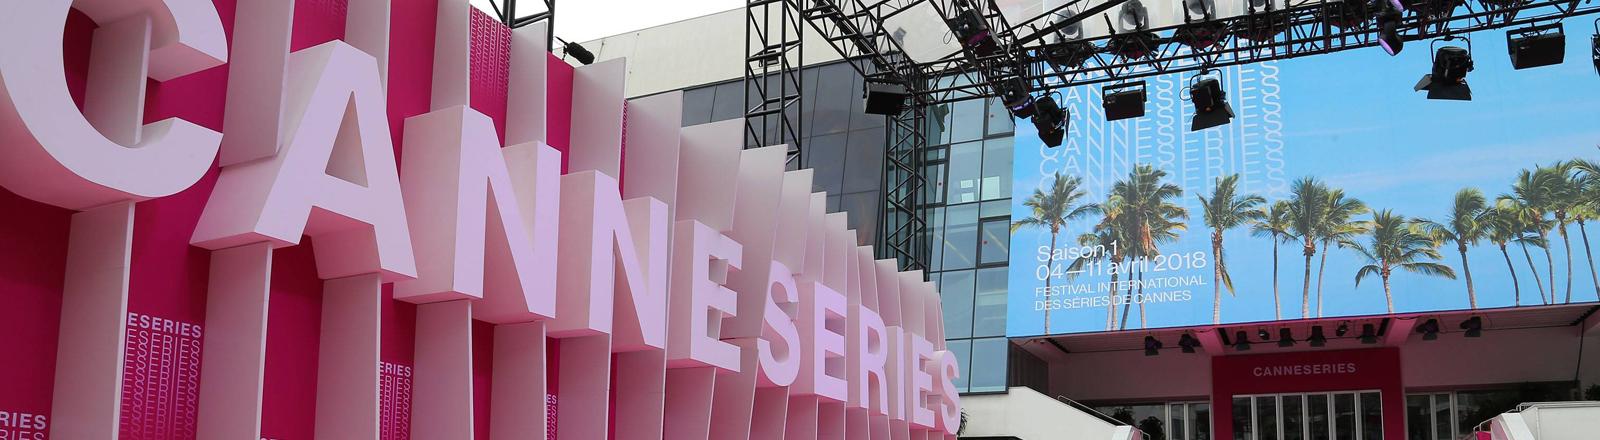 """Schild mit der Aufschrift """"Cannesseries"""" in Cannnes"""